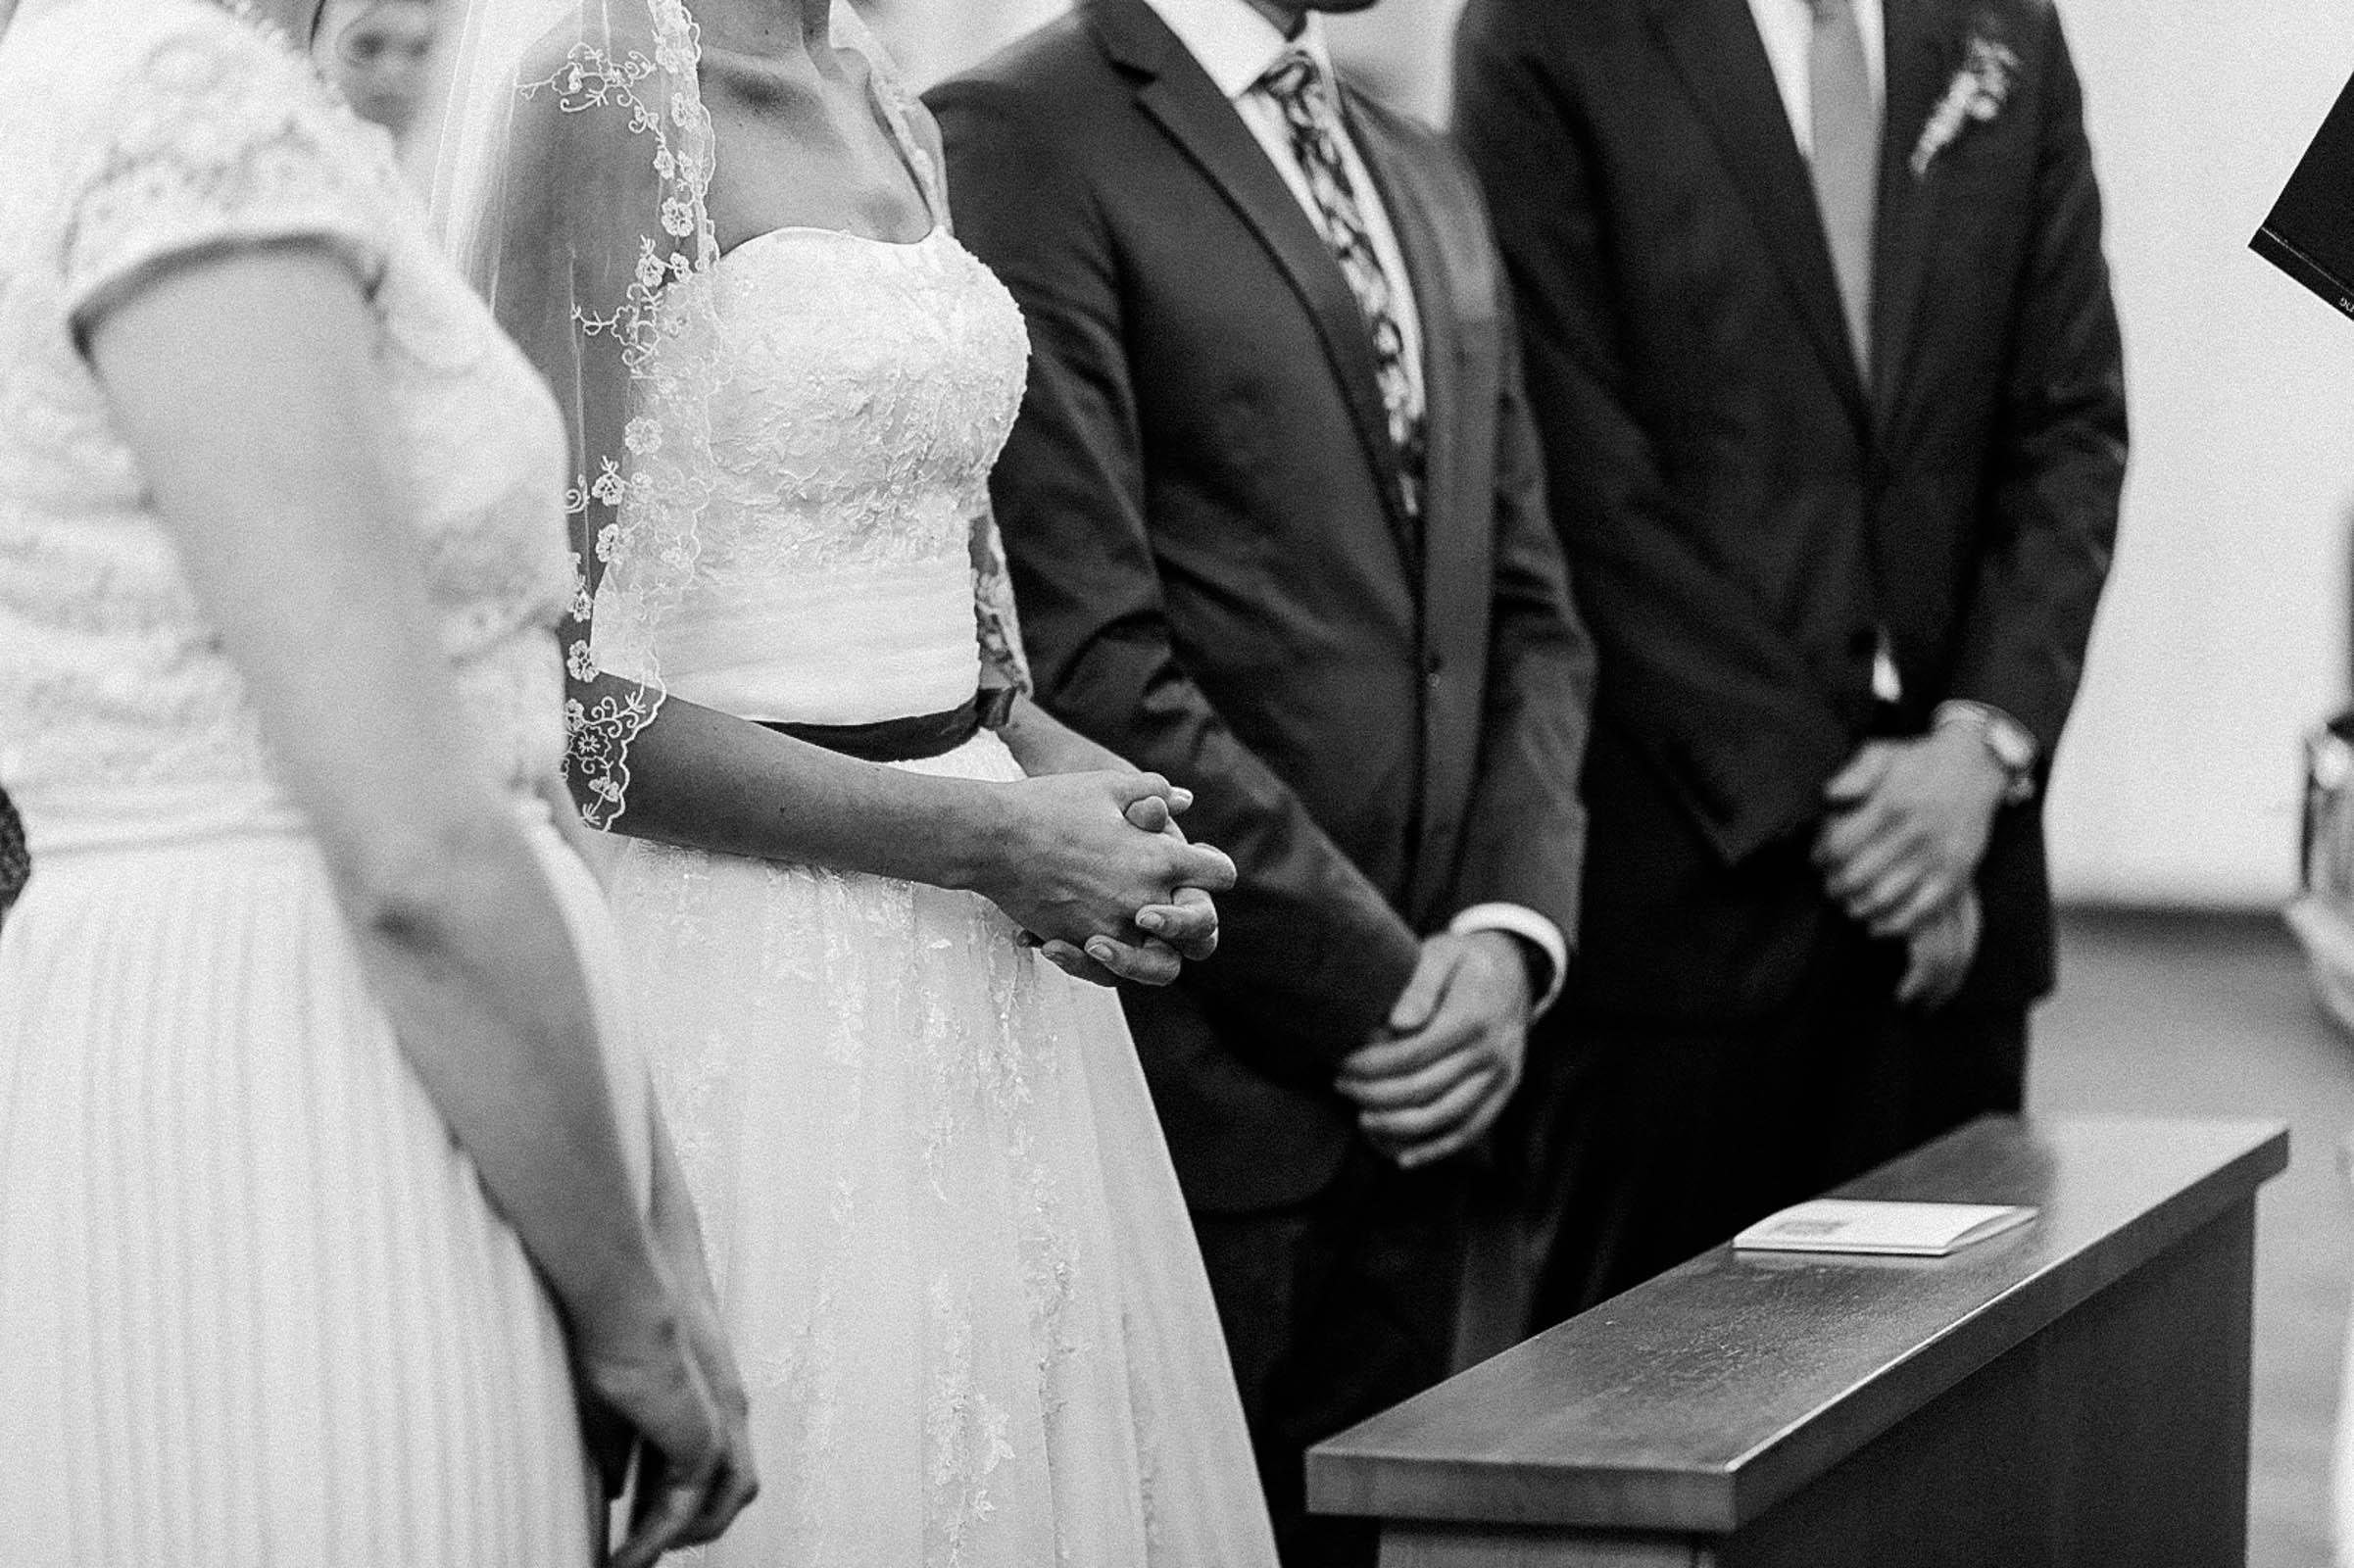 Monstergraphie_Hochzeitsreportage_Siegen-33.jpg?fit=2402%2C1600